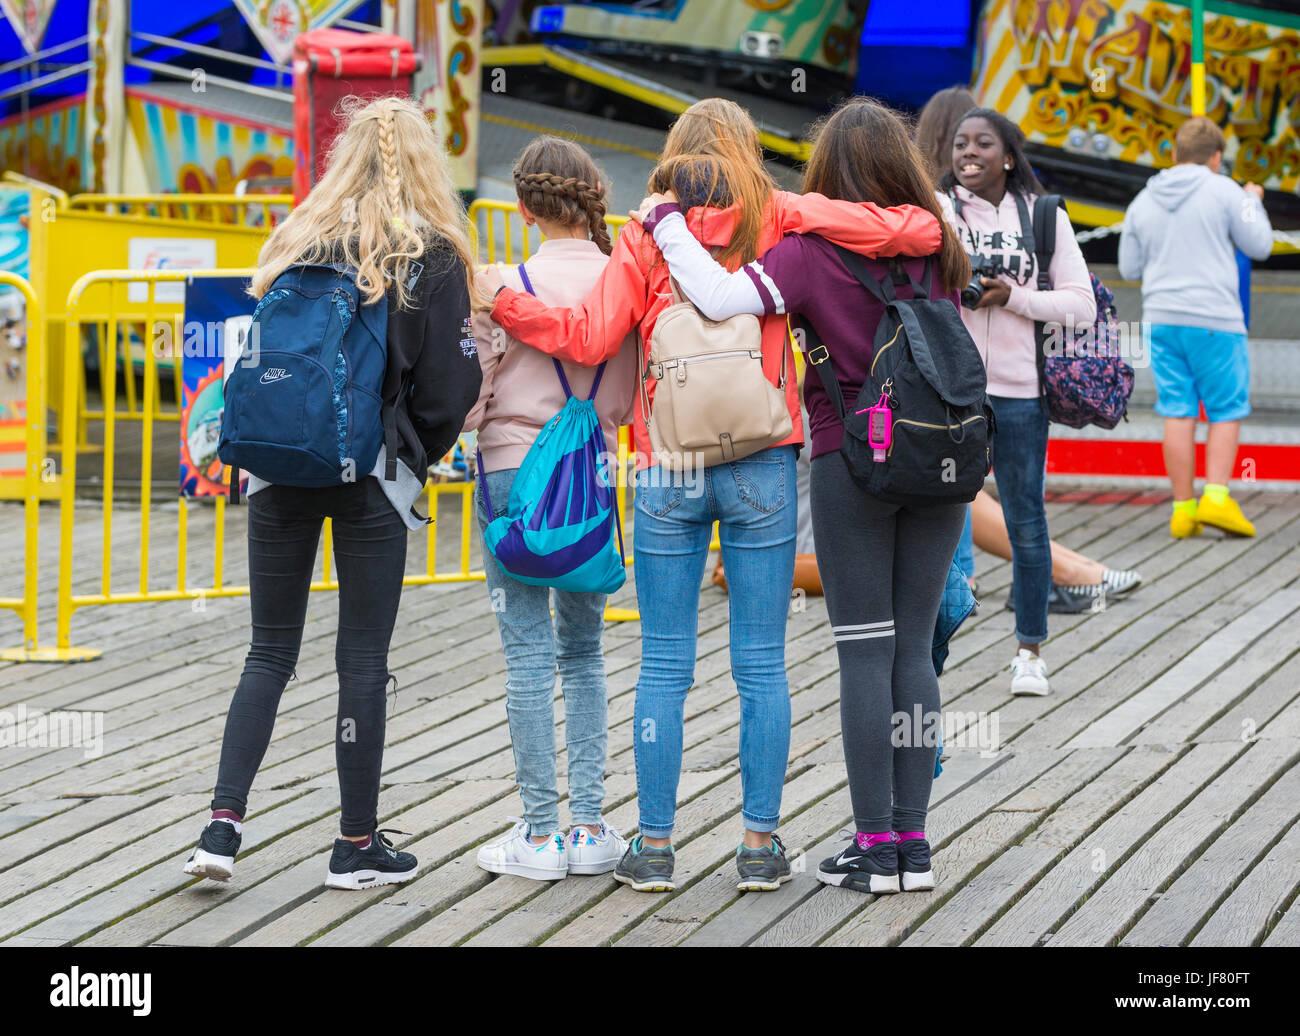 Mädchen, die ein Foto von einer Gruppe von Freunden von einem Tag. Stockbild